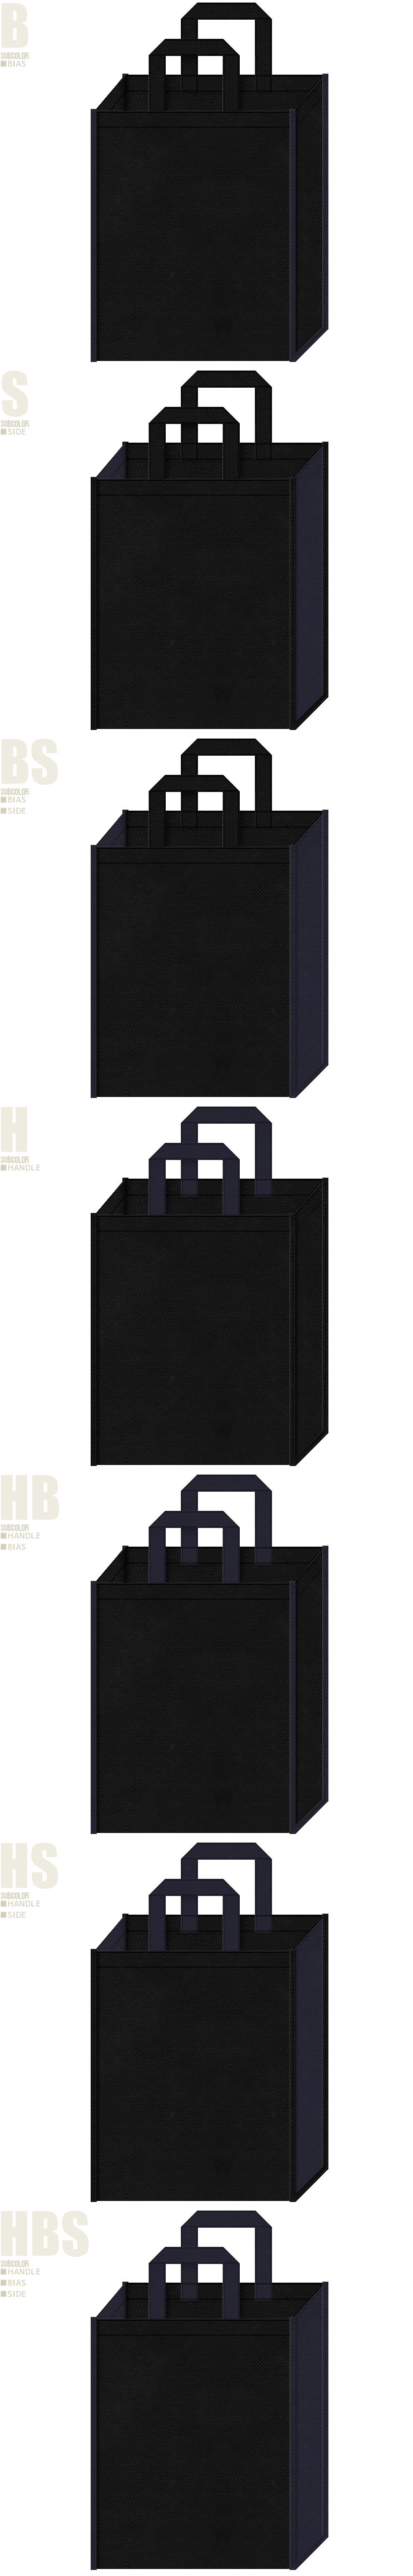 黒色と濃紺色、7パターンの不織布トートバッグ配色デザイン例。ホラーゲームにお奨めです。